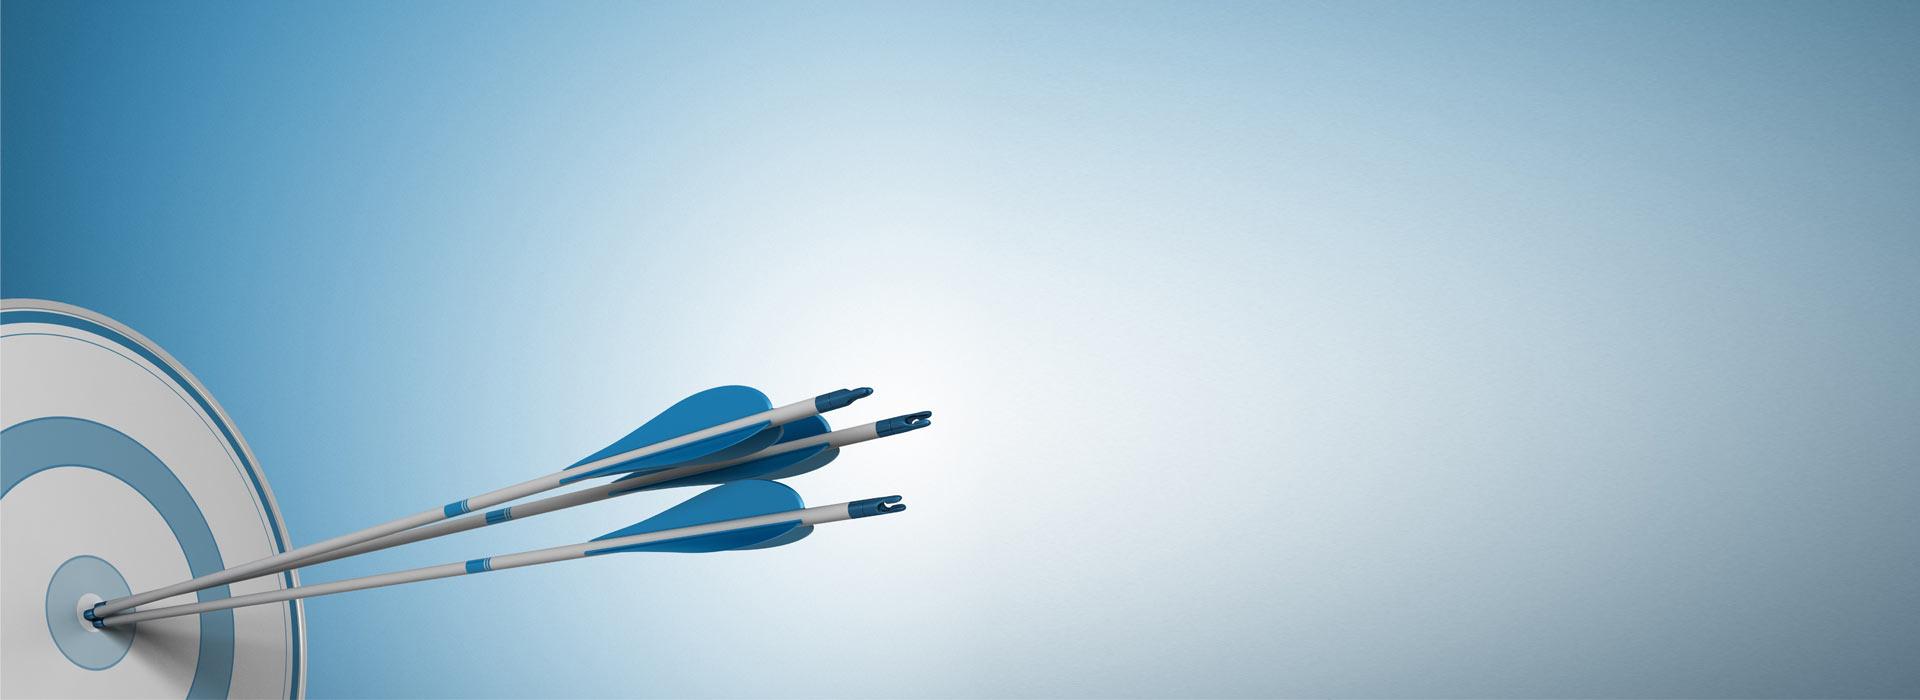 Le campagne pay per click sono uno strumento innovativo e vincente che consente di ottenere il miglior rapporto investimento/risultati